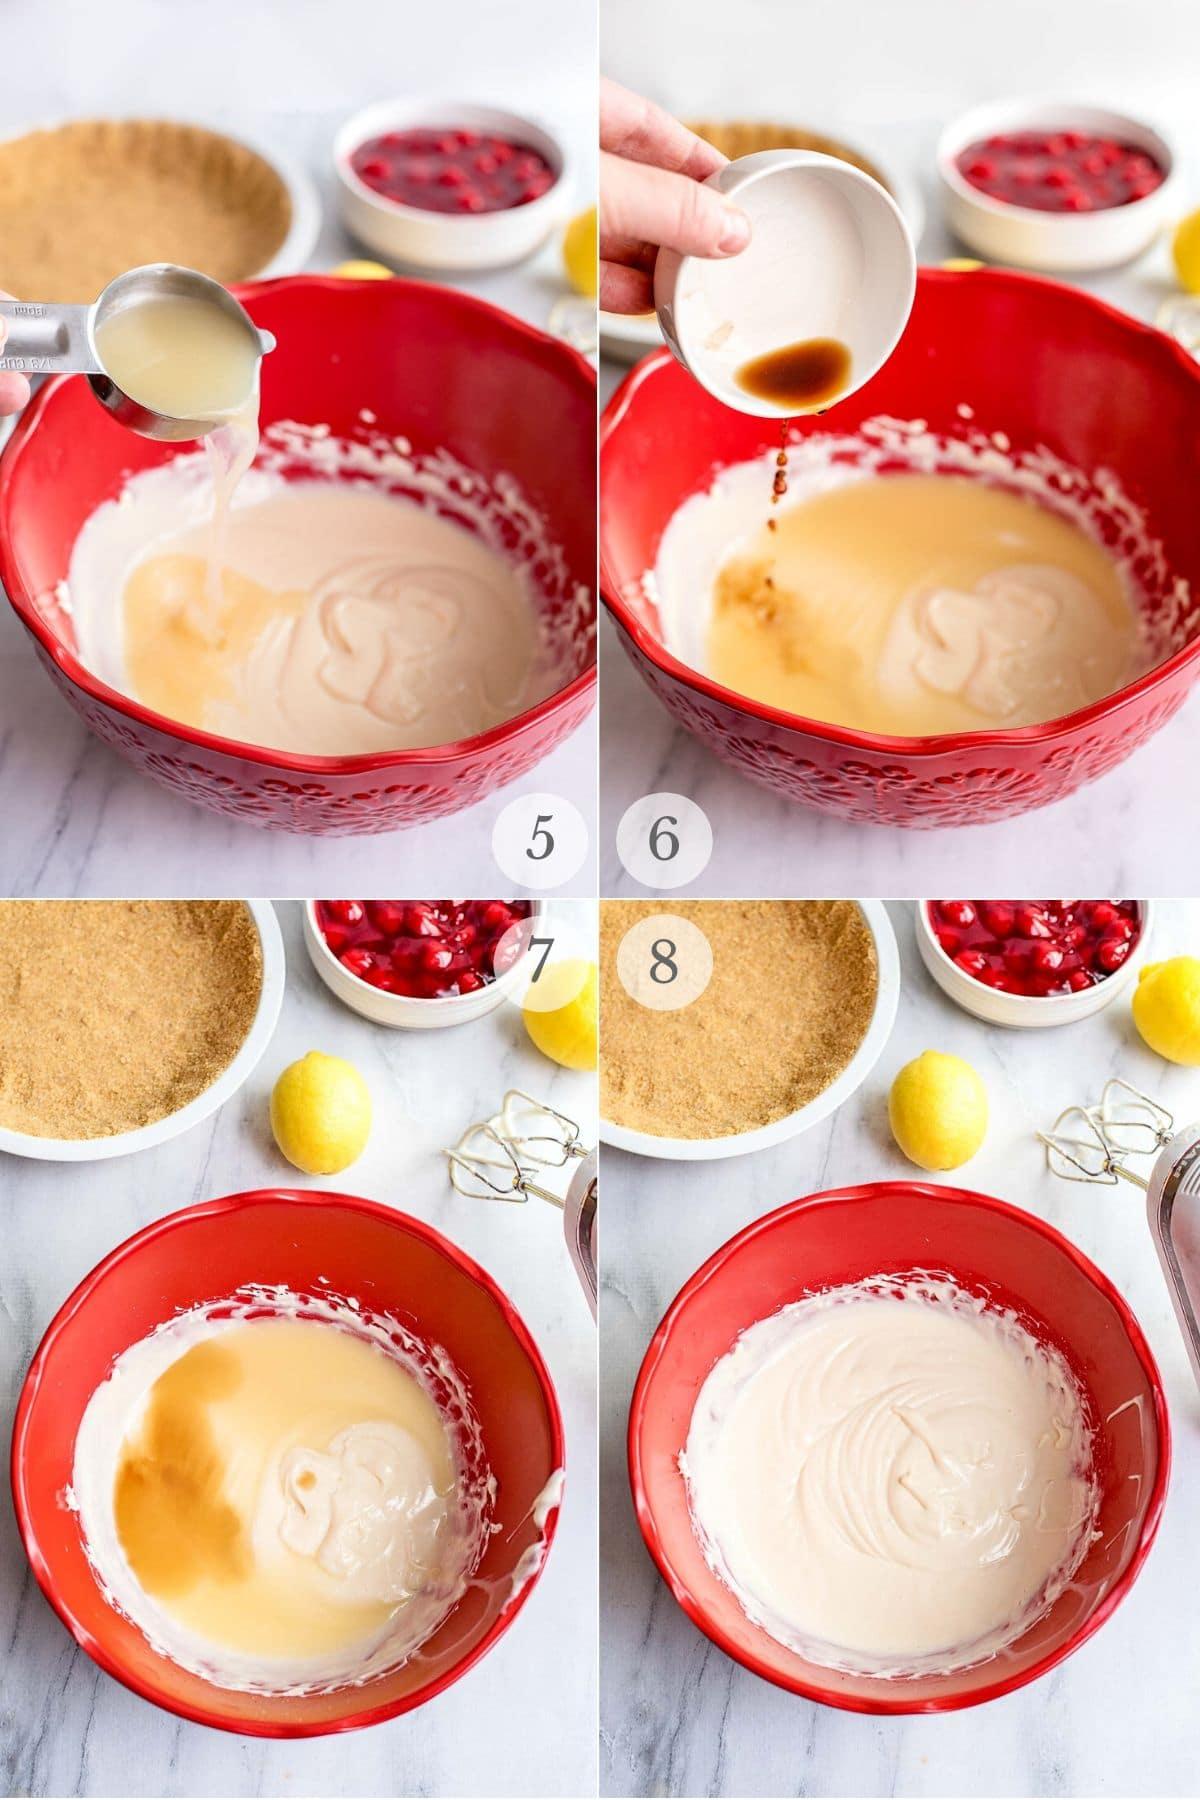 cherry cream cheese pie recipe steps 5-8